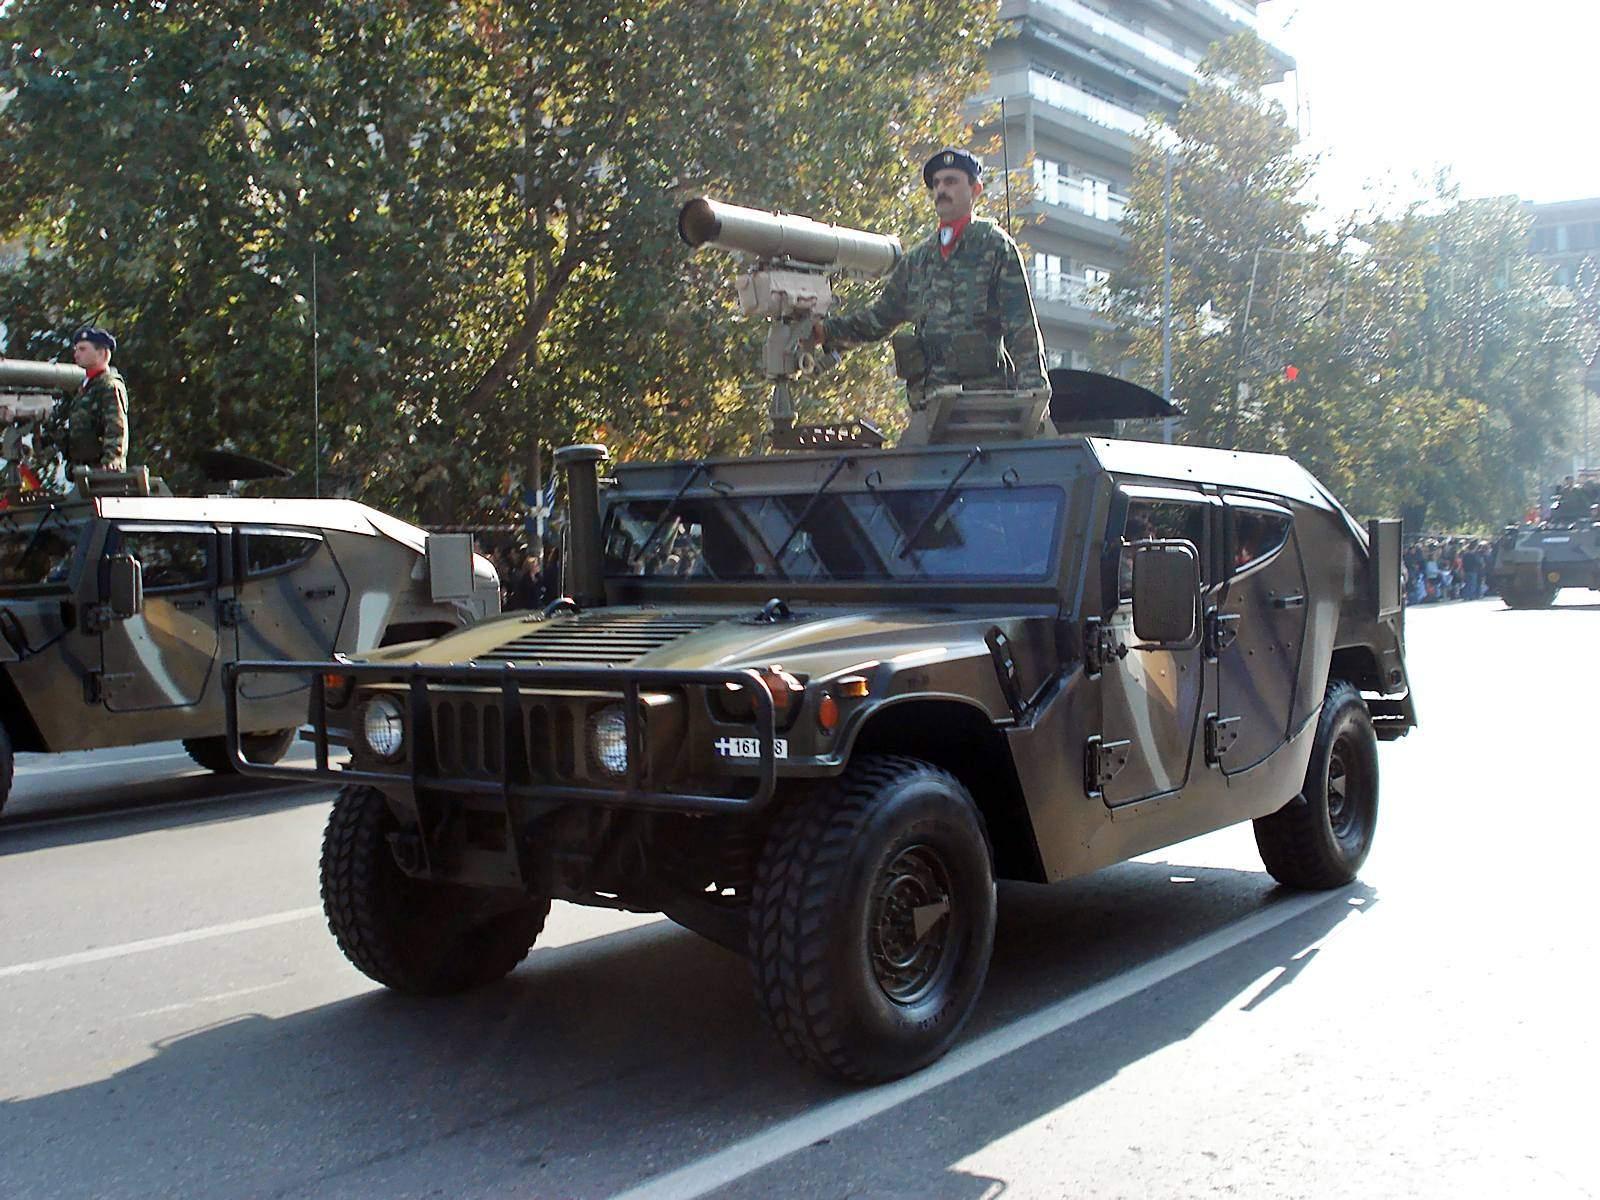 Humvee, em versão da firma israelense Plasam